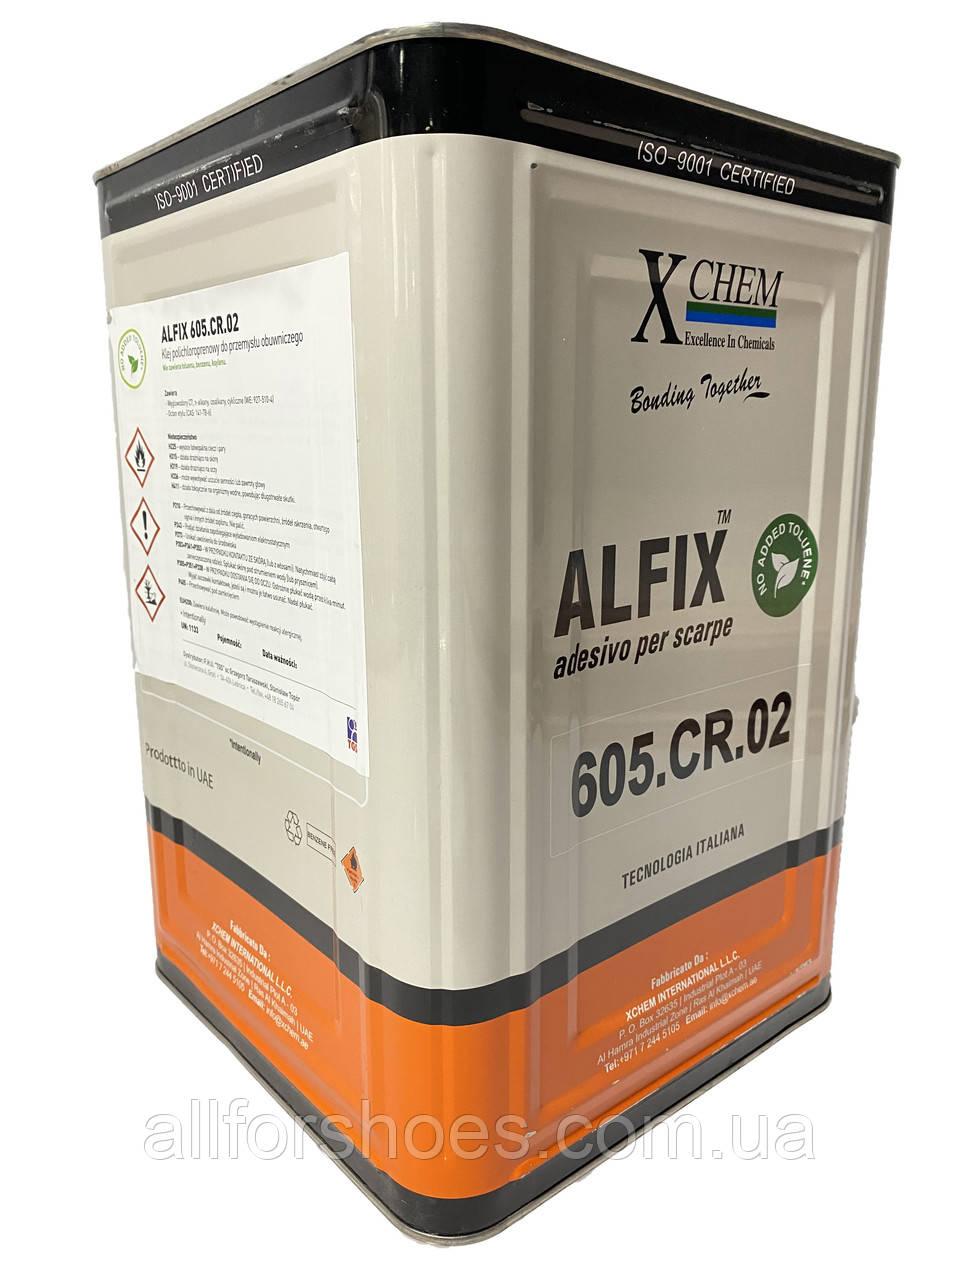 Клей ALFIX 605 полихлоропреновый для проклейки тканей, ковролина, кожзама, обуви.